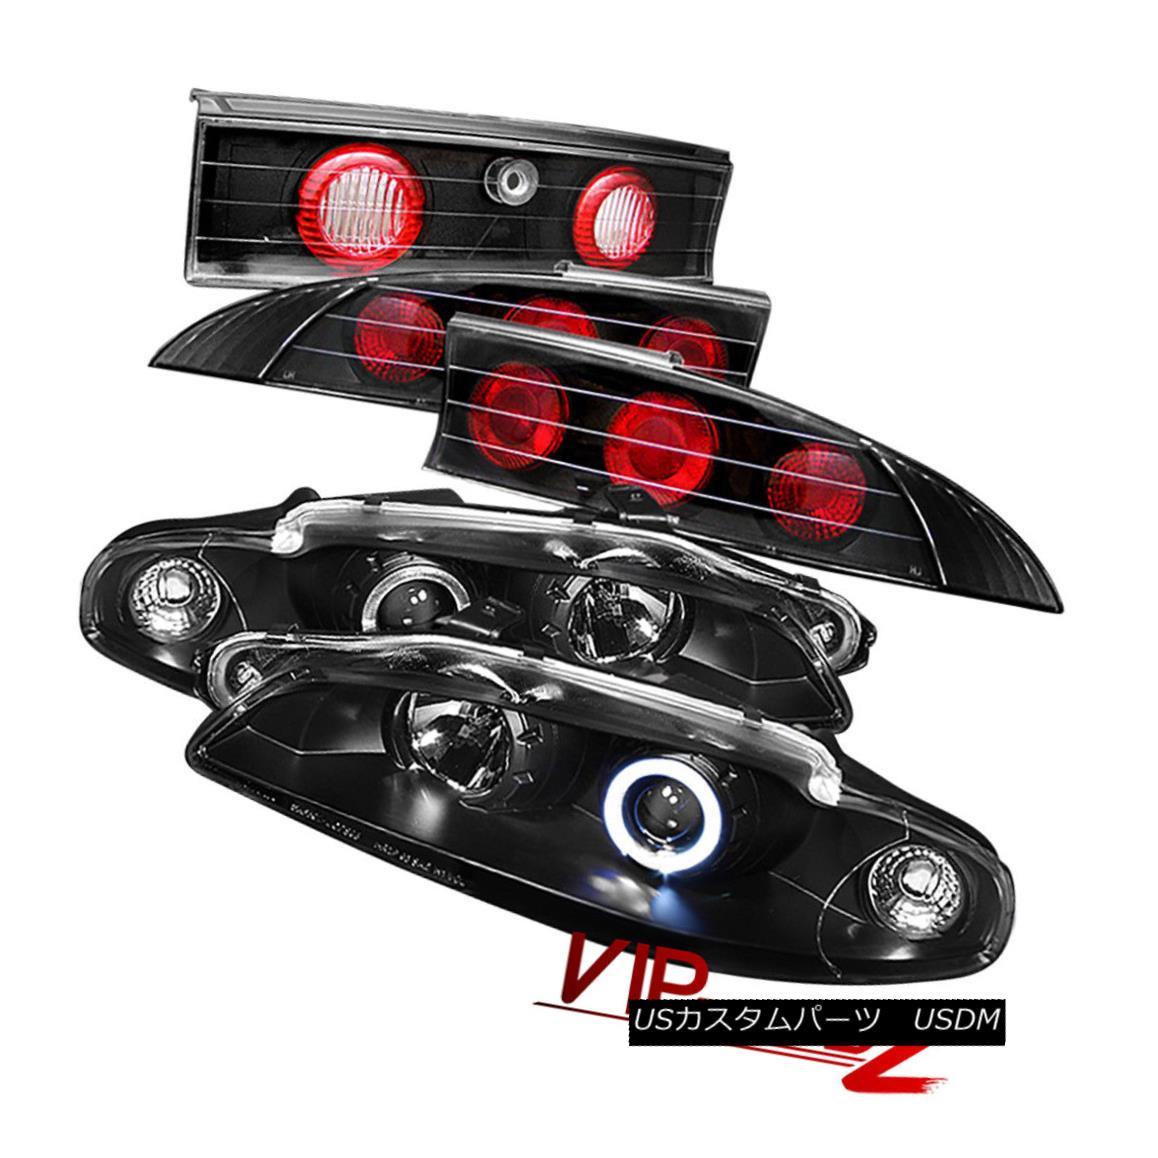 テールライト [VIPMOTOZTOPPICK] Black Red Brake Tail Light+Halo Projector Headlights Headlamps [VIPMOTOZTOPPI CK]ブラックレッドブレーキテールライト+ハロープロジェクターヘッドライトヘッドランプ